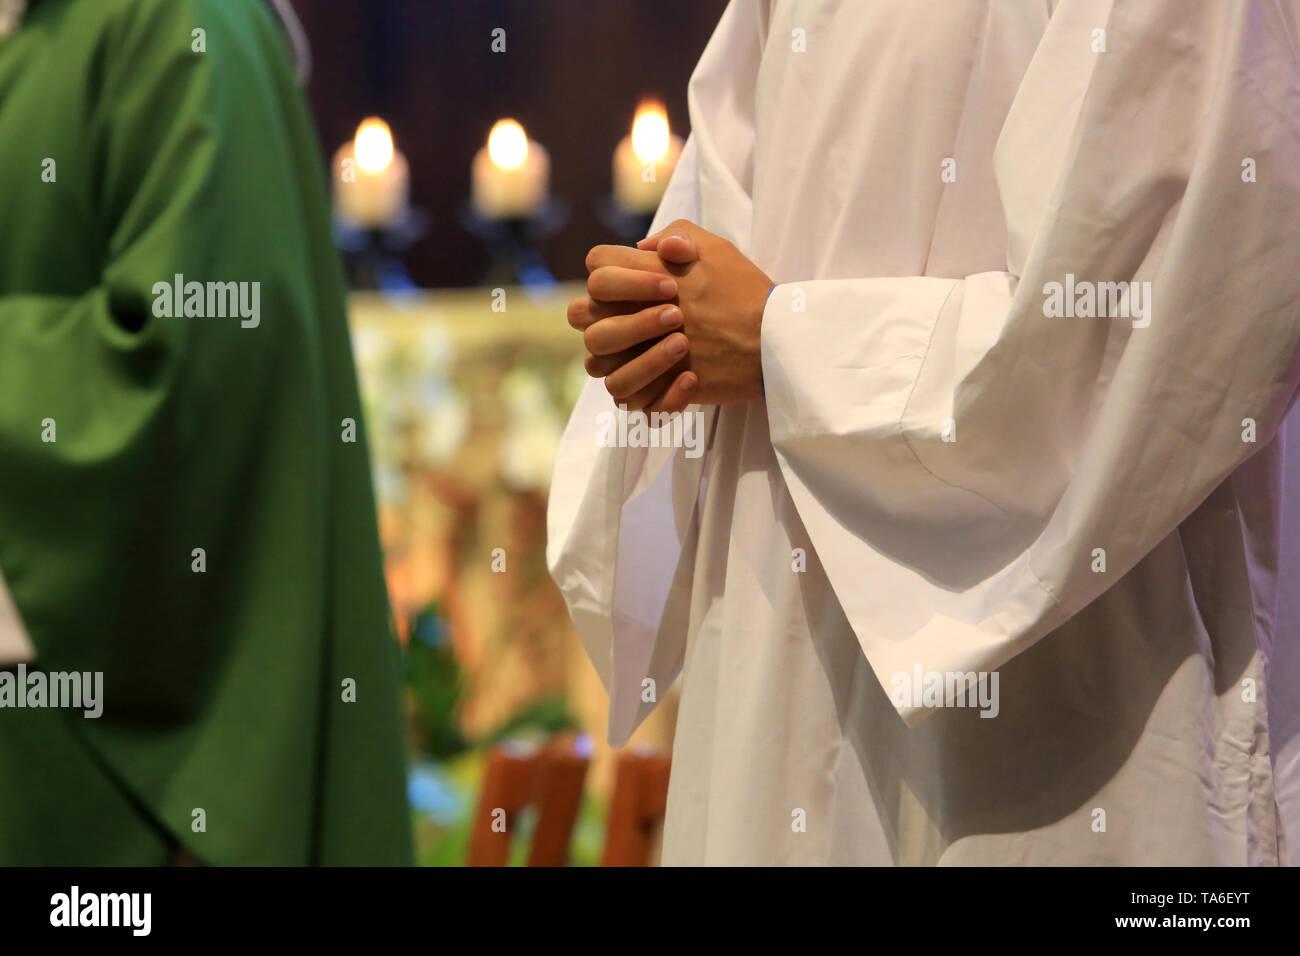 Knecht de Messe priant. Stockbild